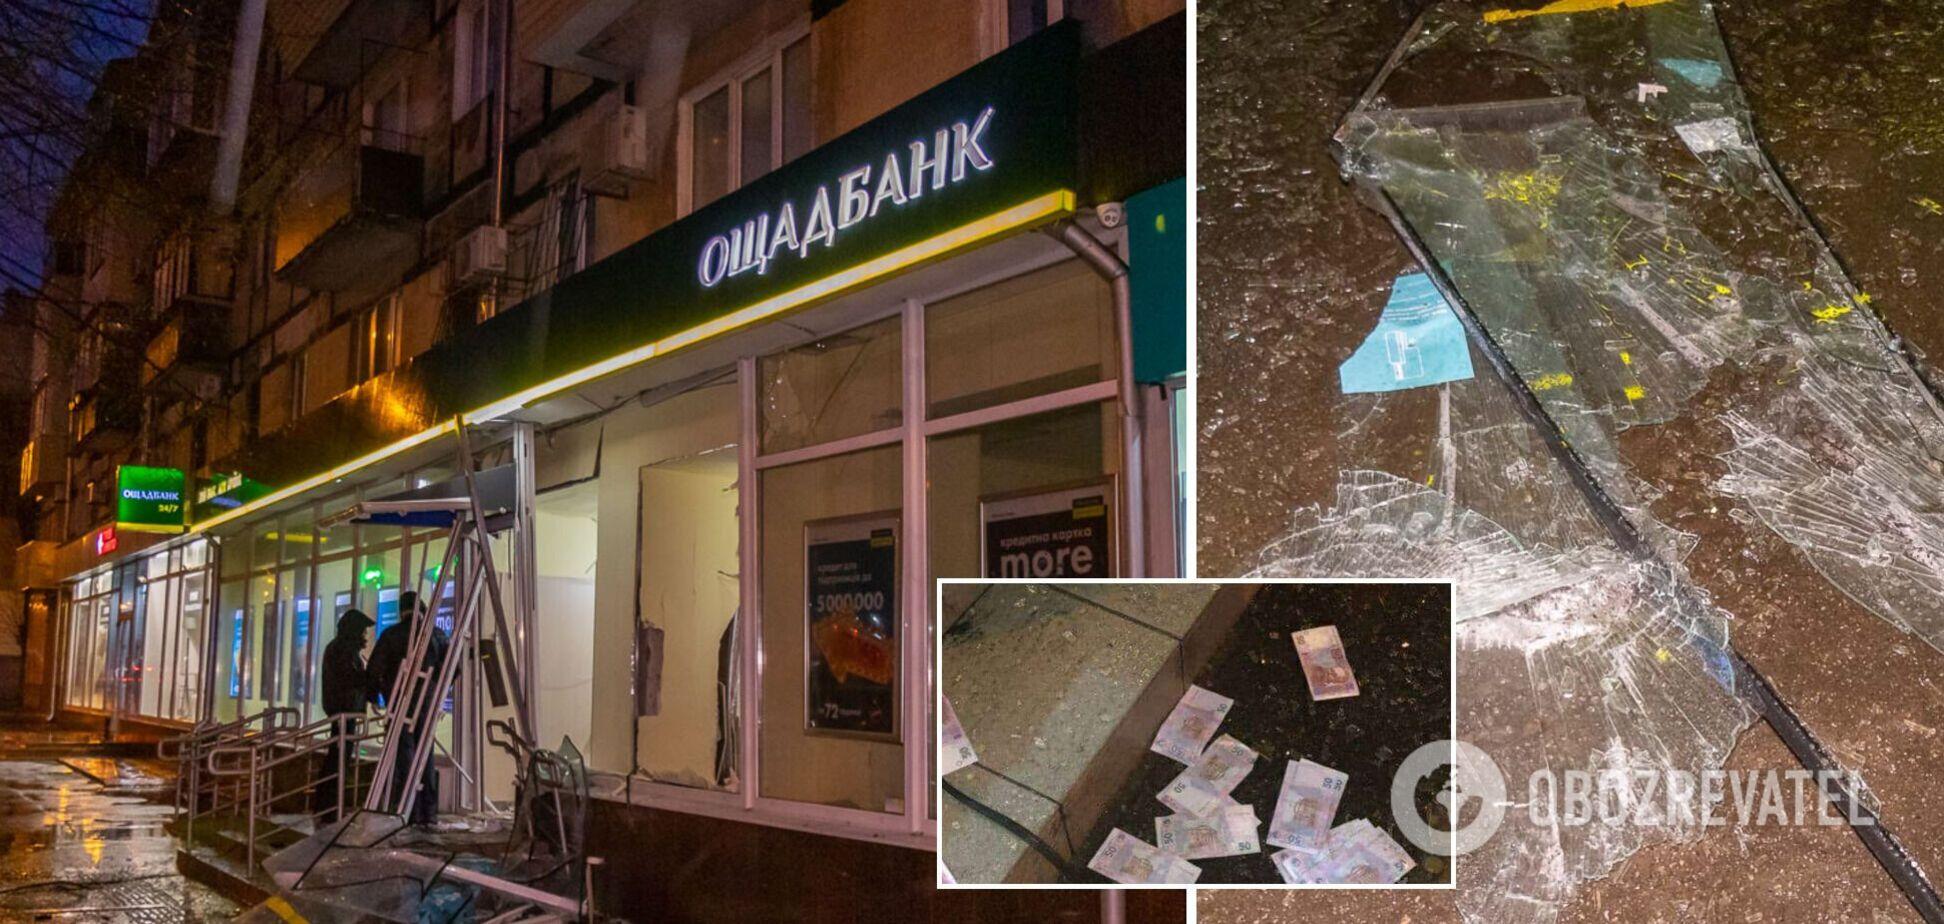 У Дніпрі вночі підірвали банкомат і викрали гроші. Фото